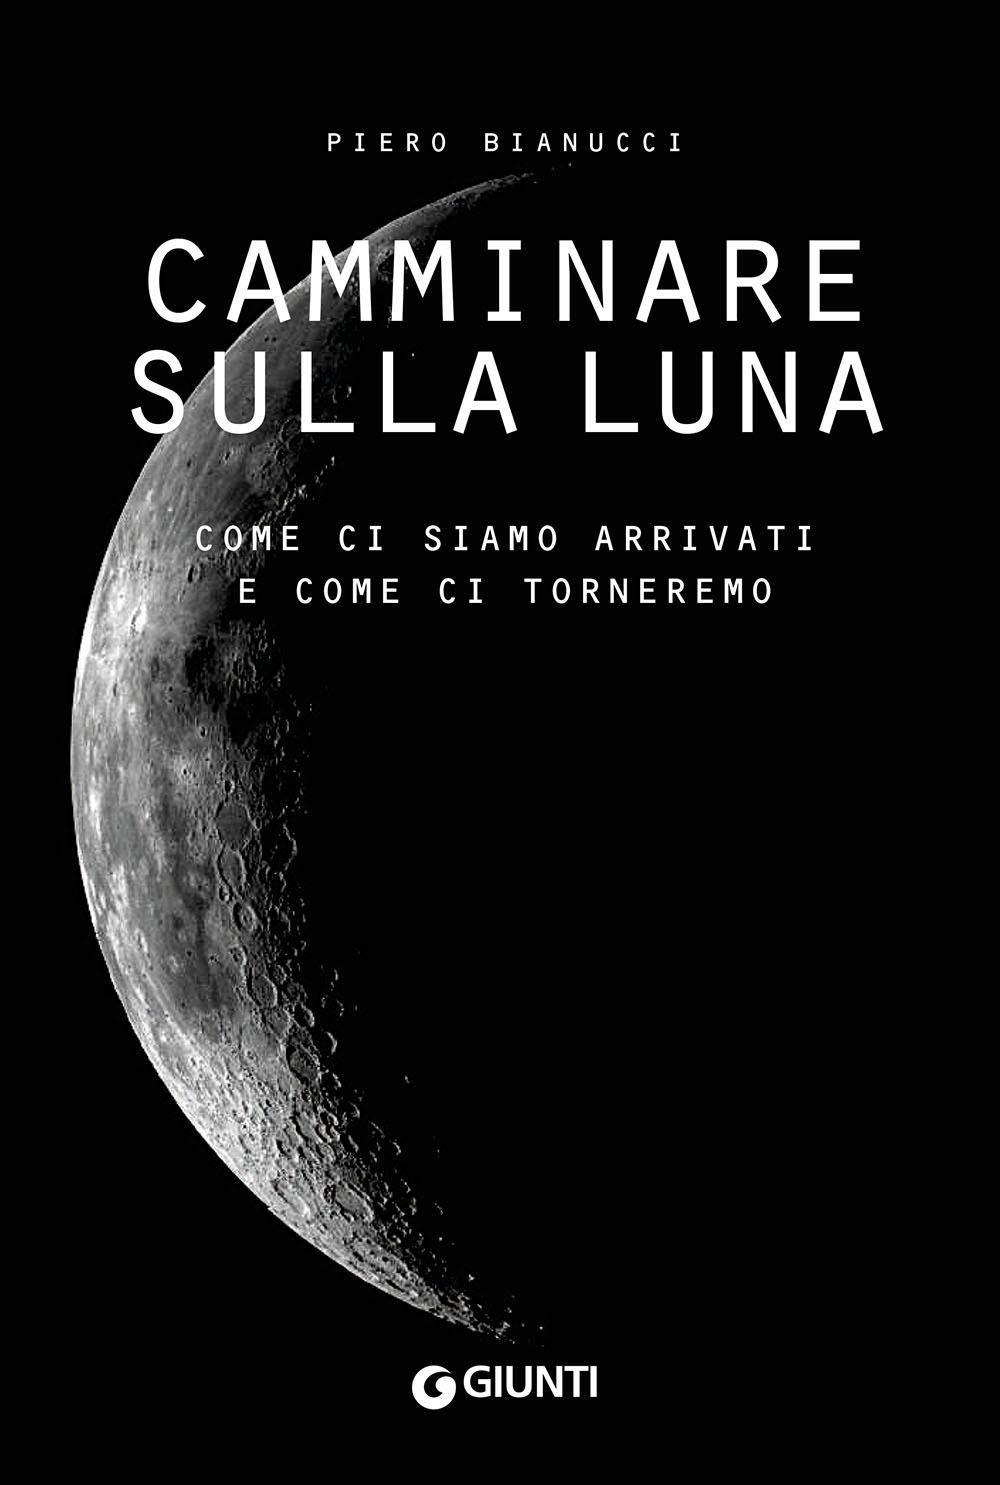 CAMMINARE SULLA LUNA Book Cover